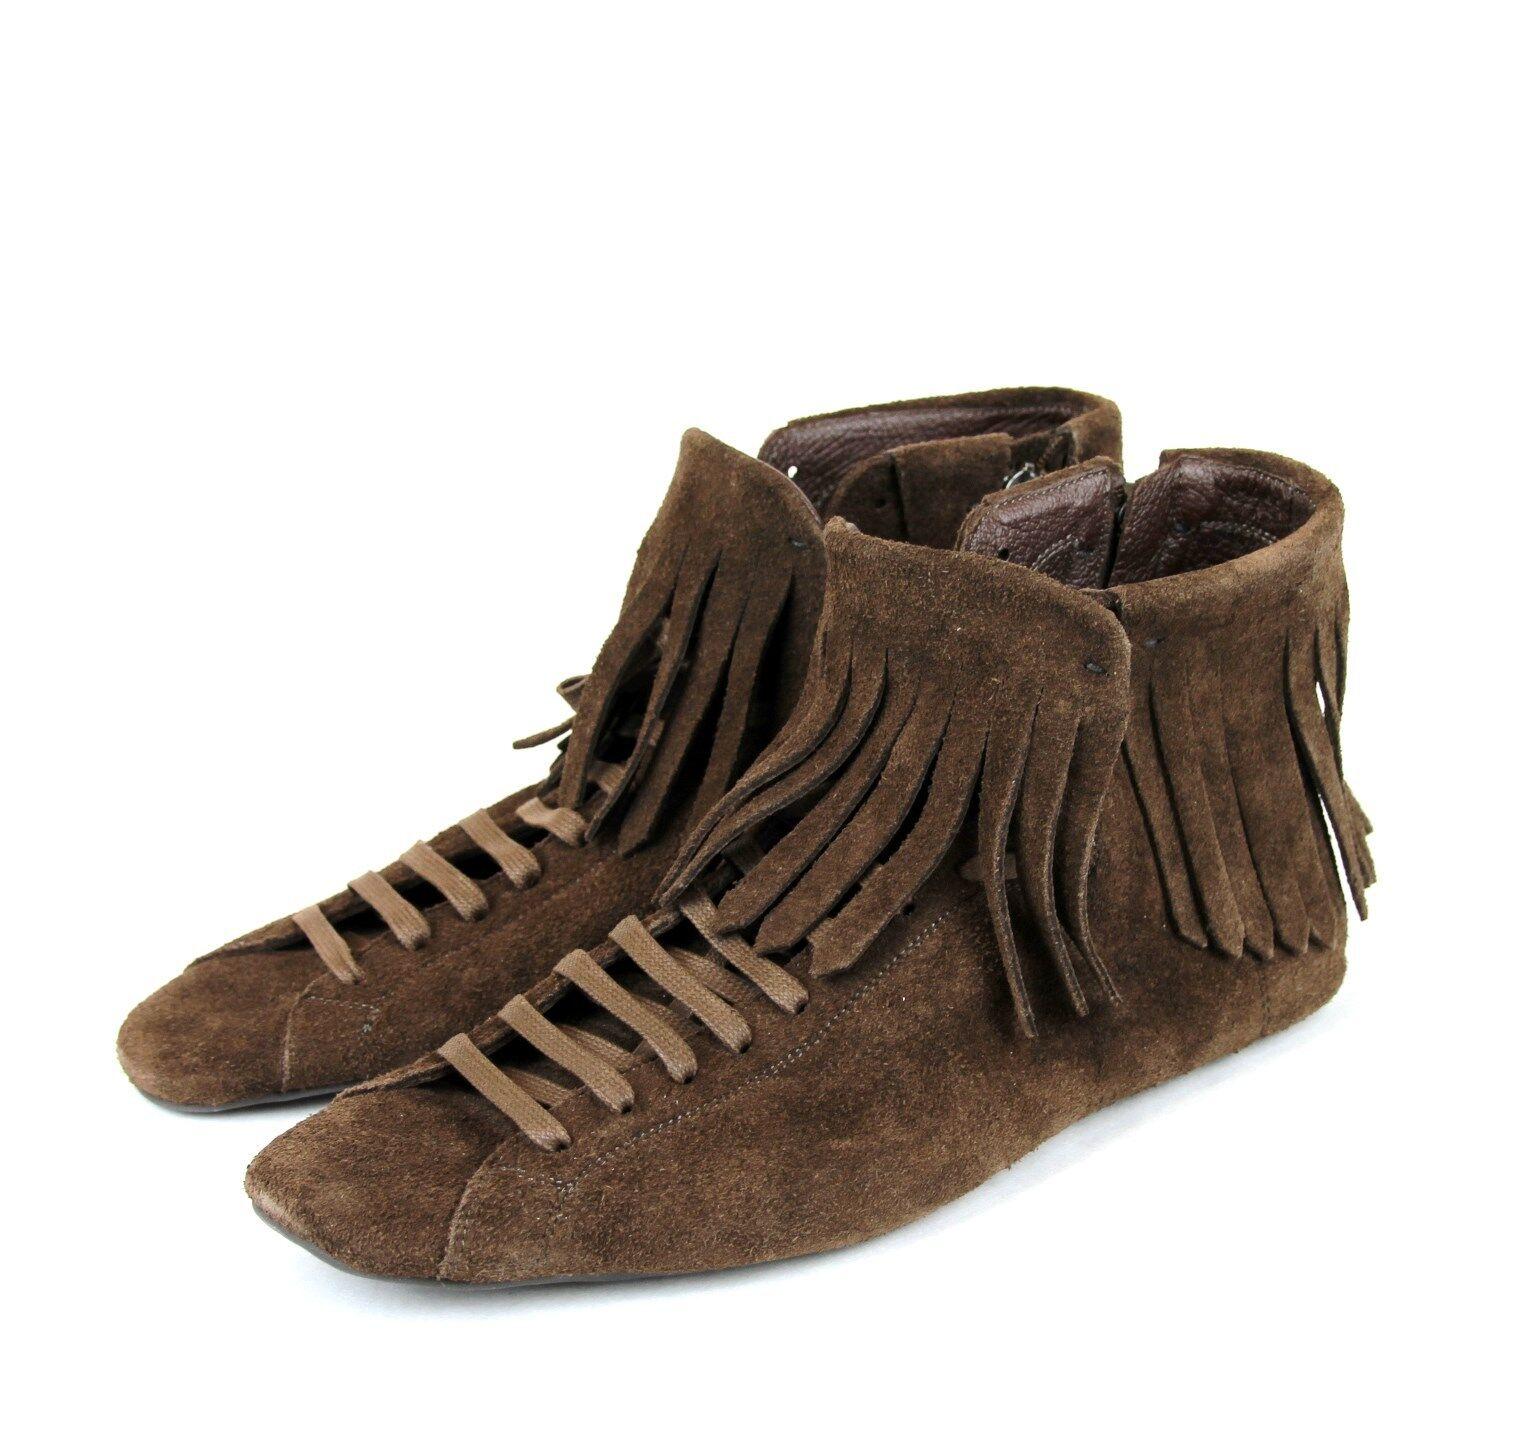 Nuovo Originale Bottega Veneta Camoscio con Frange scarpe da ginnastica Stivali, Marronee,